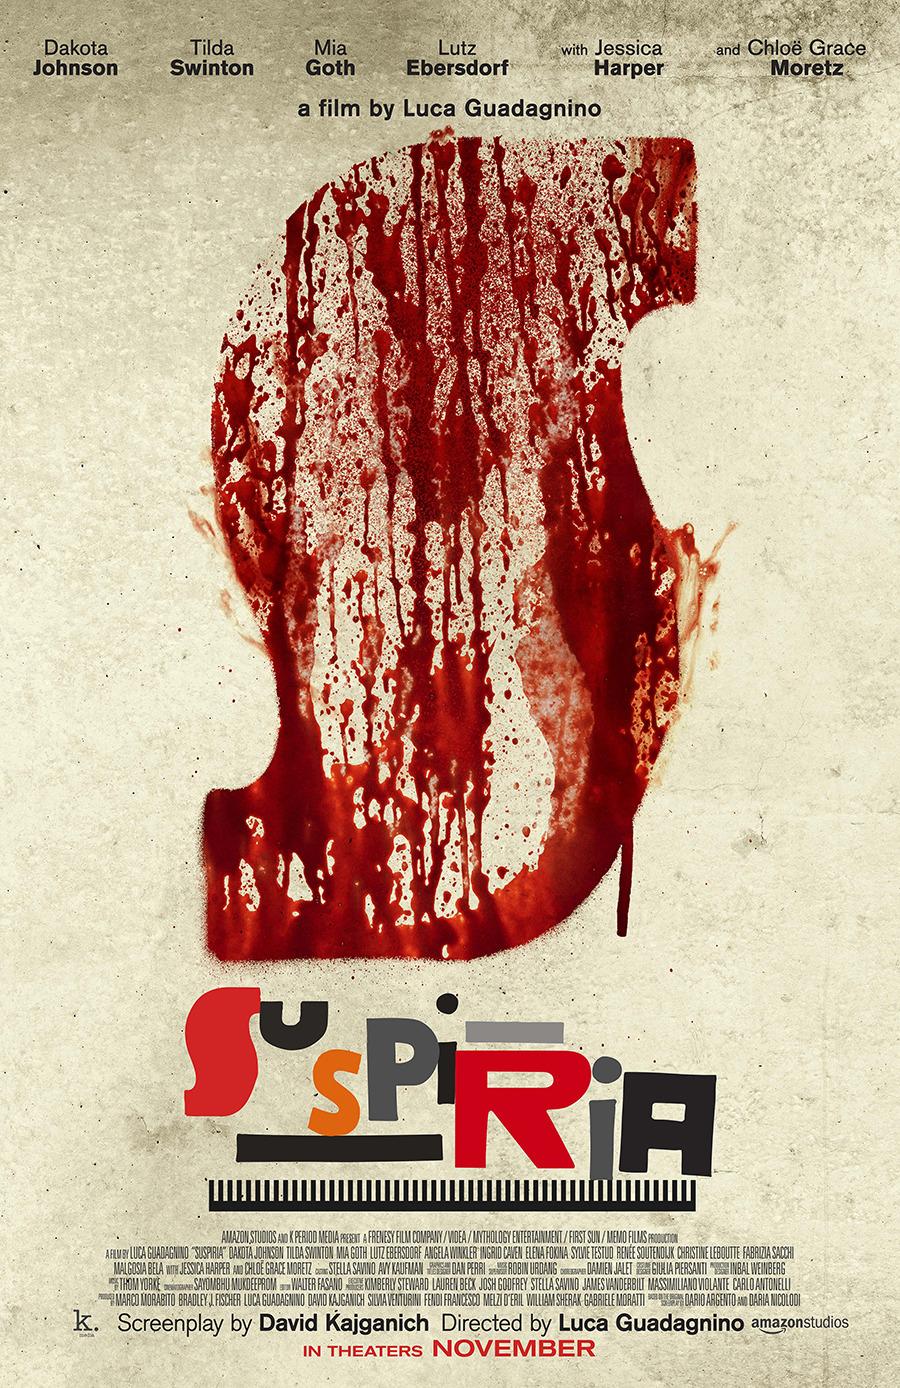 Suspiria 2018 poster